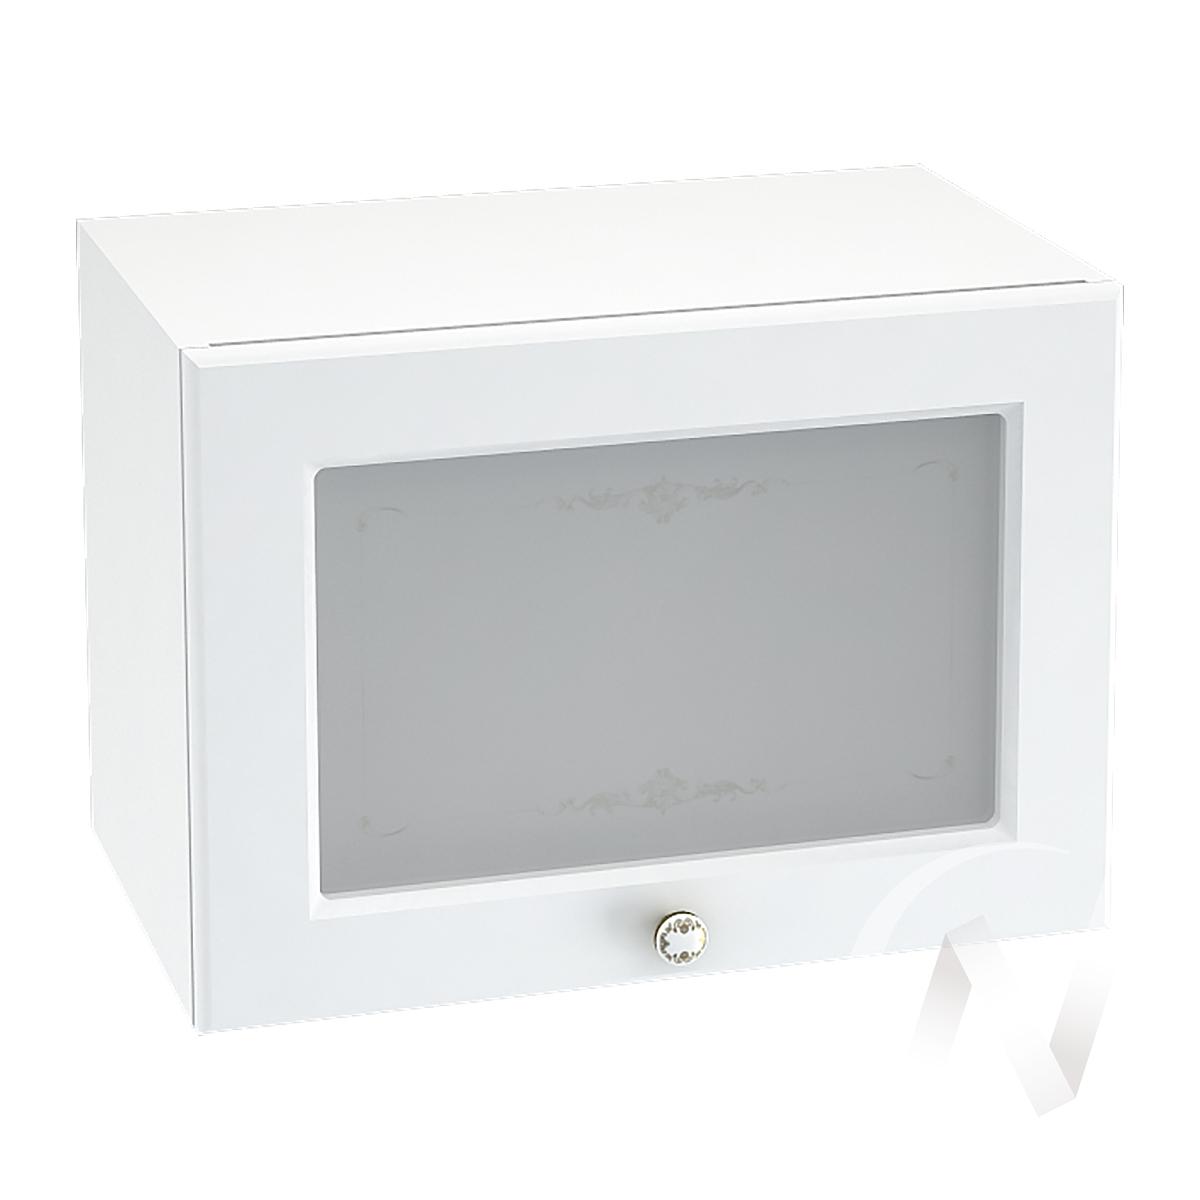 """Кухня """"Шарлиз"""": Шкаф верхний горизонтальный со стеклом 500, ШВГС 500 (корпус белый)"""